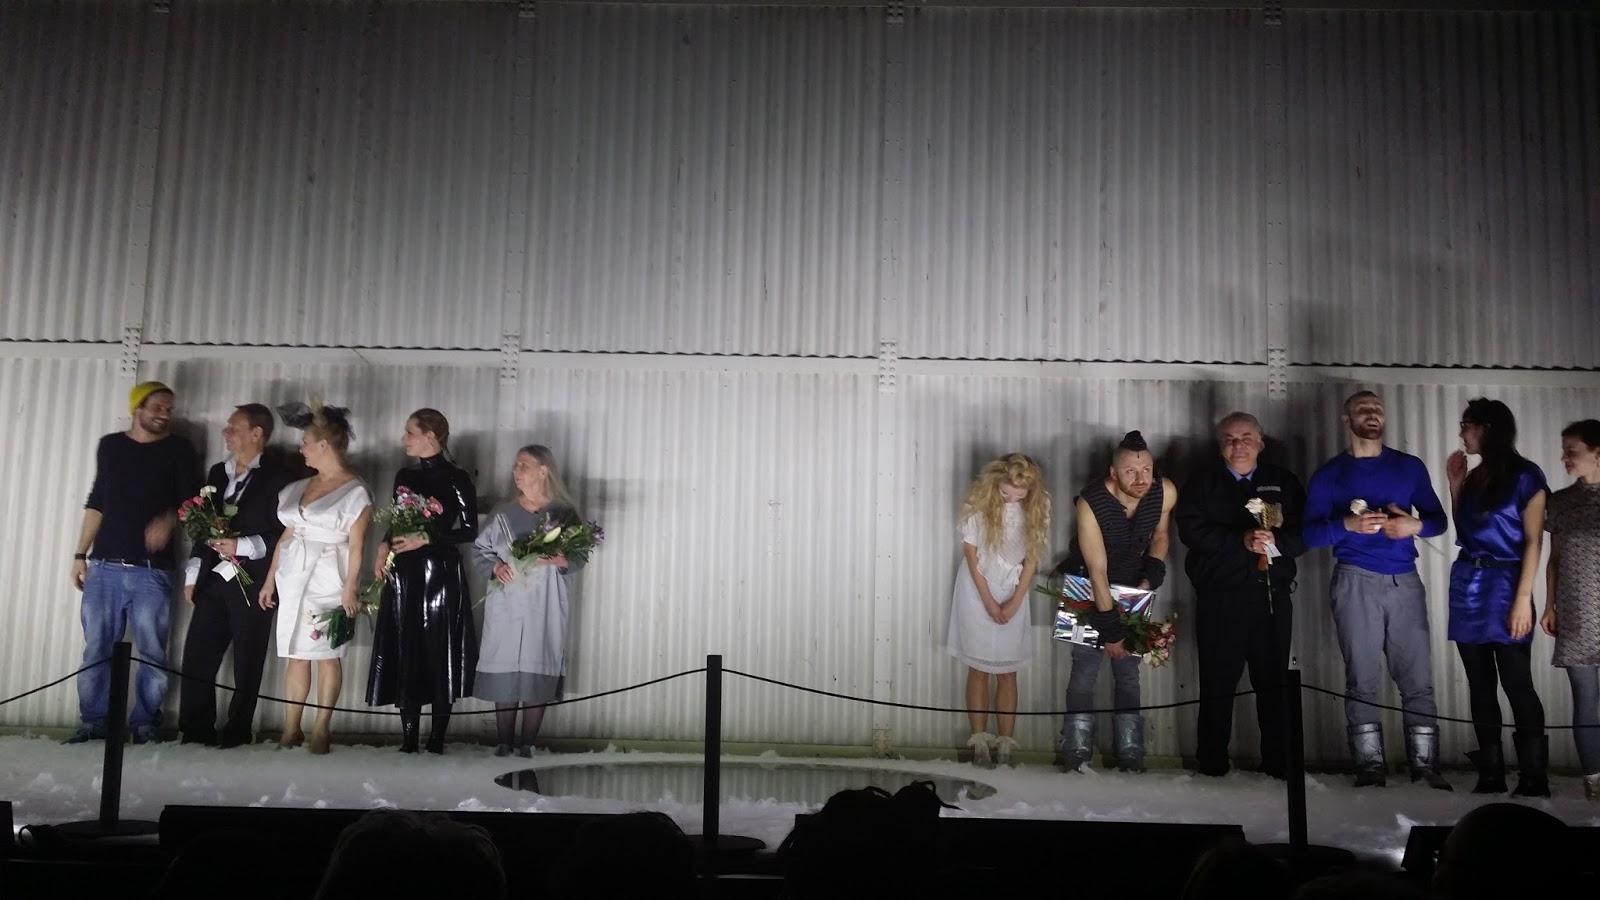 Recenzje Grimm Czarny Snieg Teatr Polski We Wroclawiu